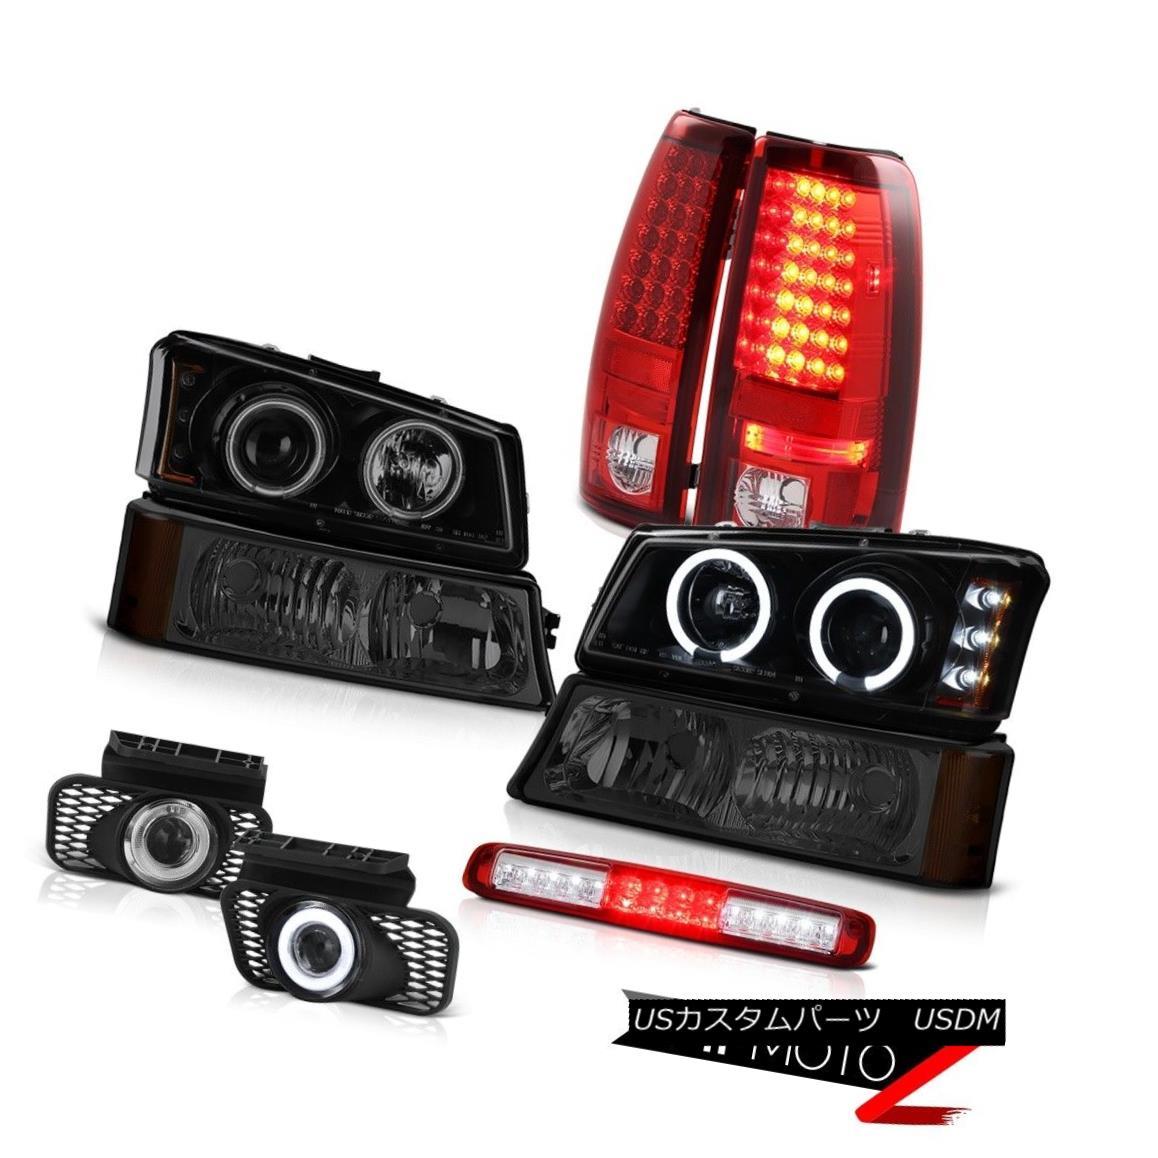 テールライト 03-06 Silverado Smokey Signal Light 3RD Brake Lamp Foglights Headlamps Taillamps 03-06 Silveradoスモークシグナルライト3RDブレーキランプフォグライトヘッドランプテールランプ